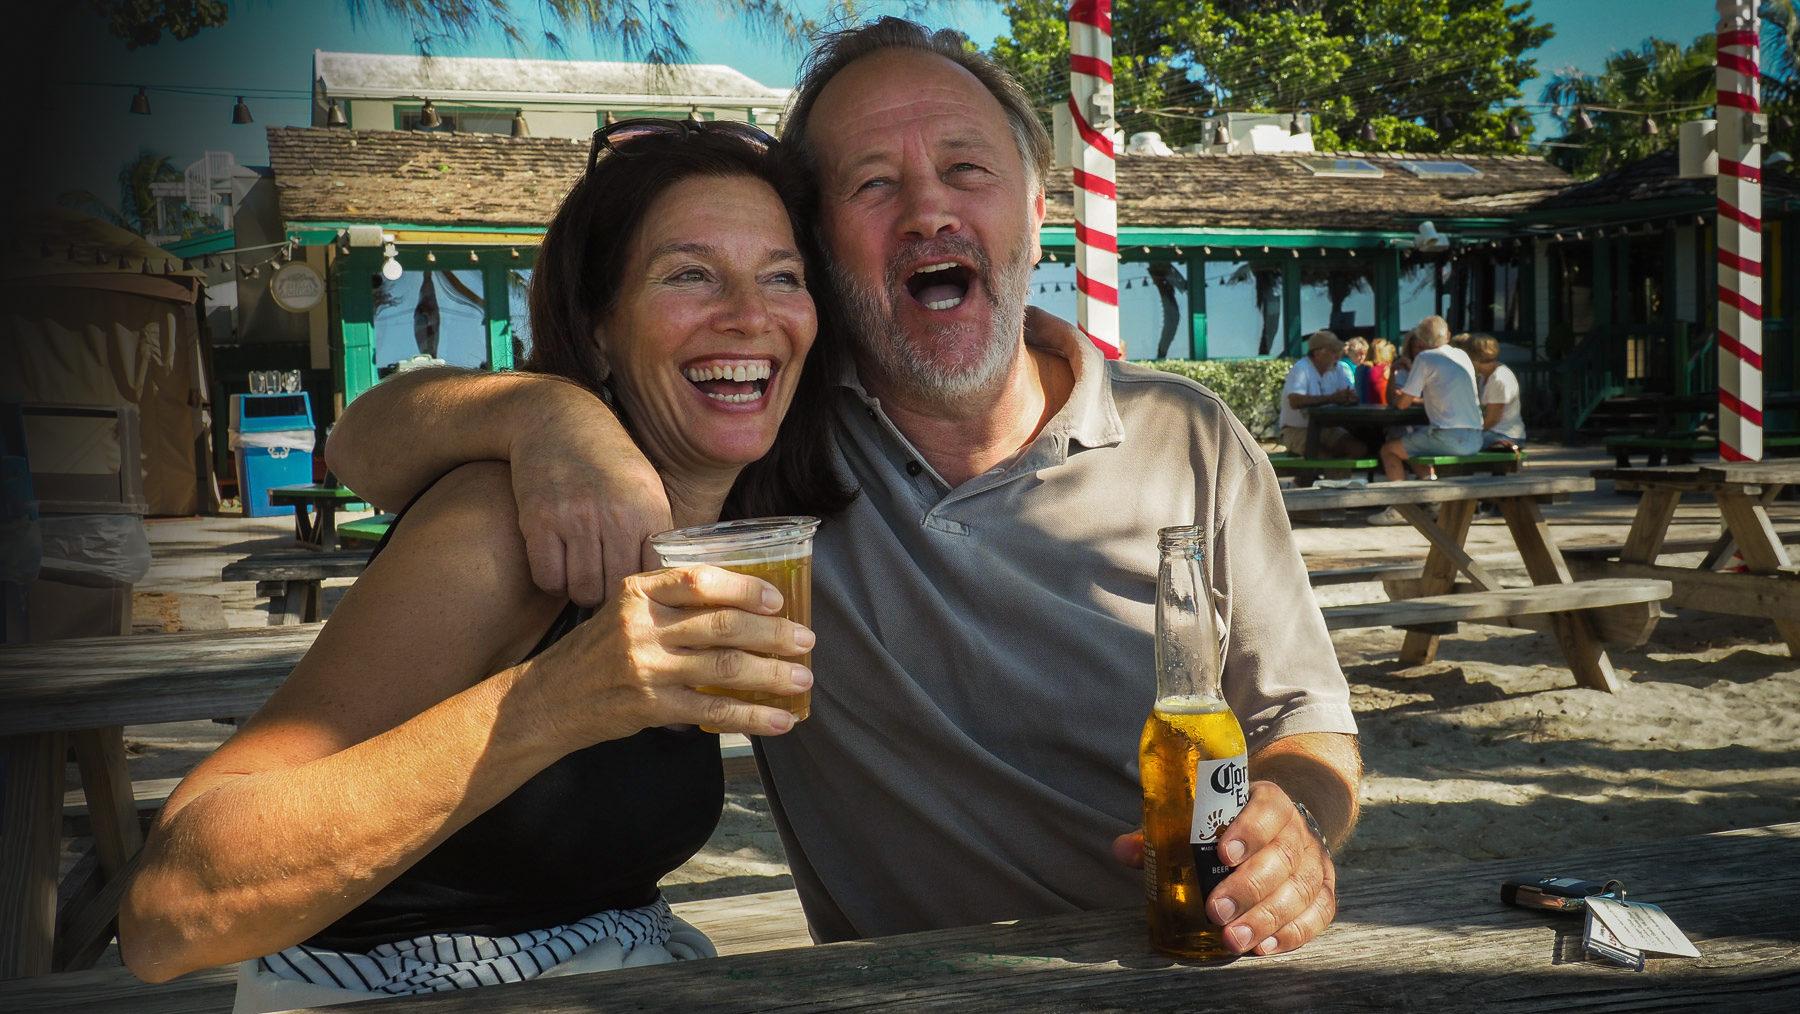 Viel Spaß mit Doris und Josef an einem wunderschönen Strand in Florida